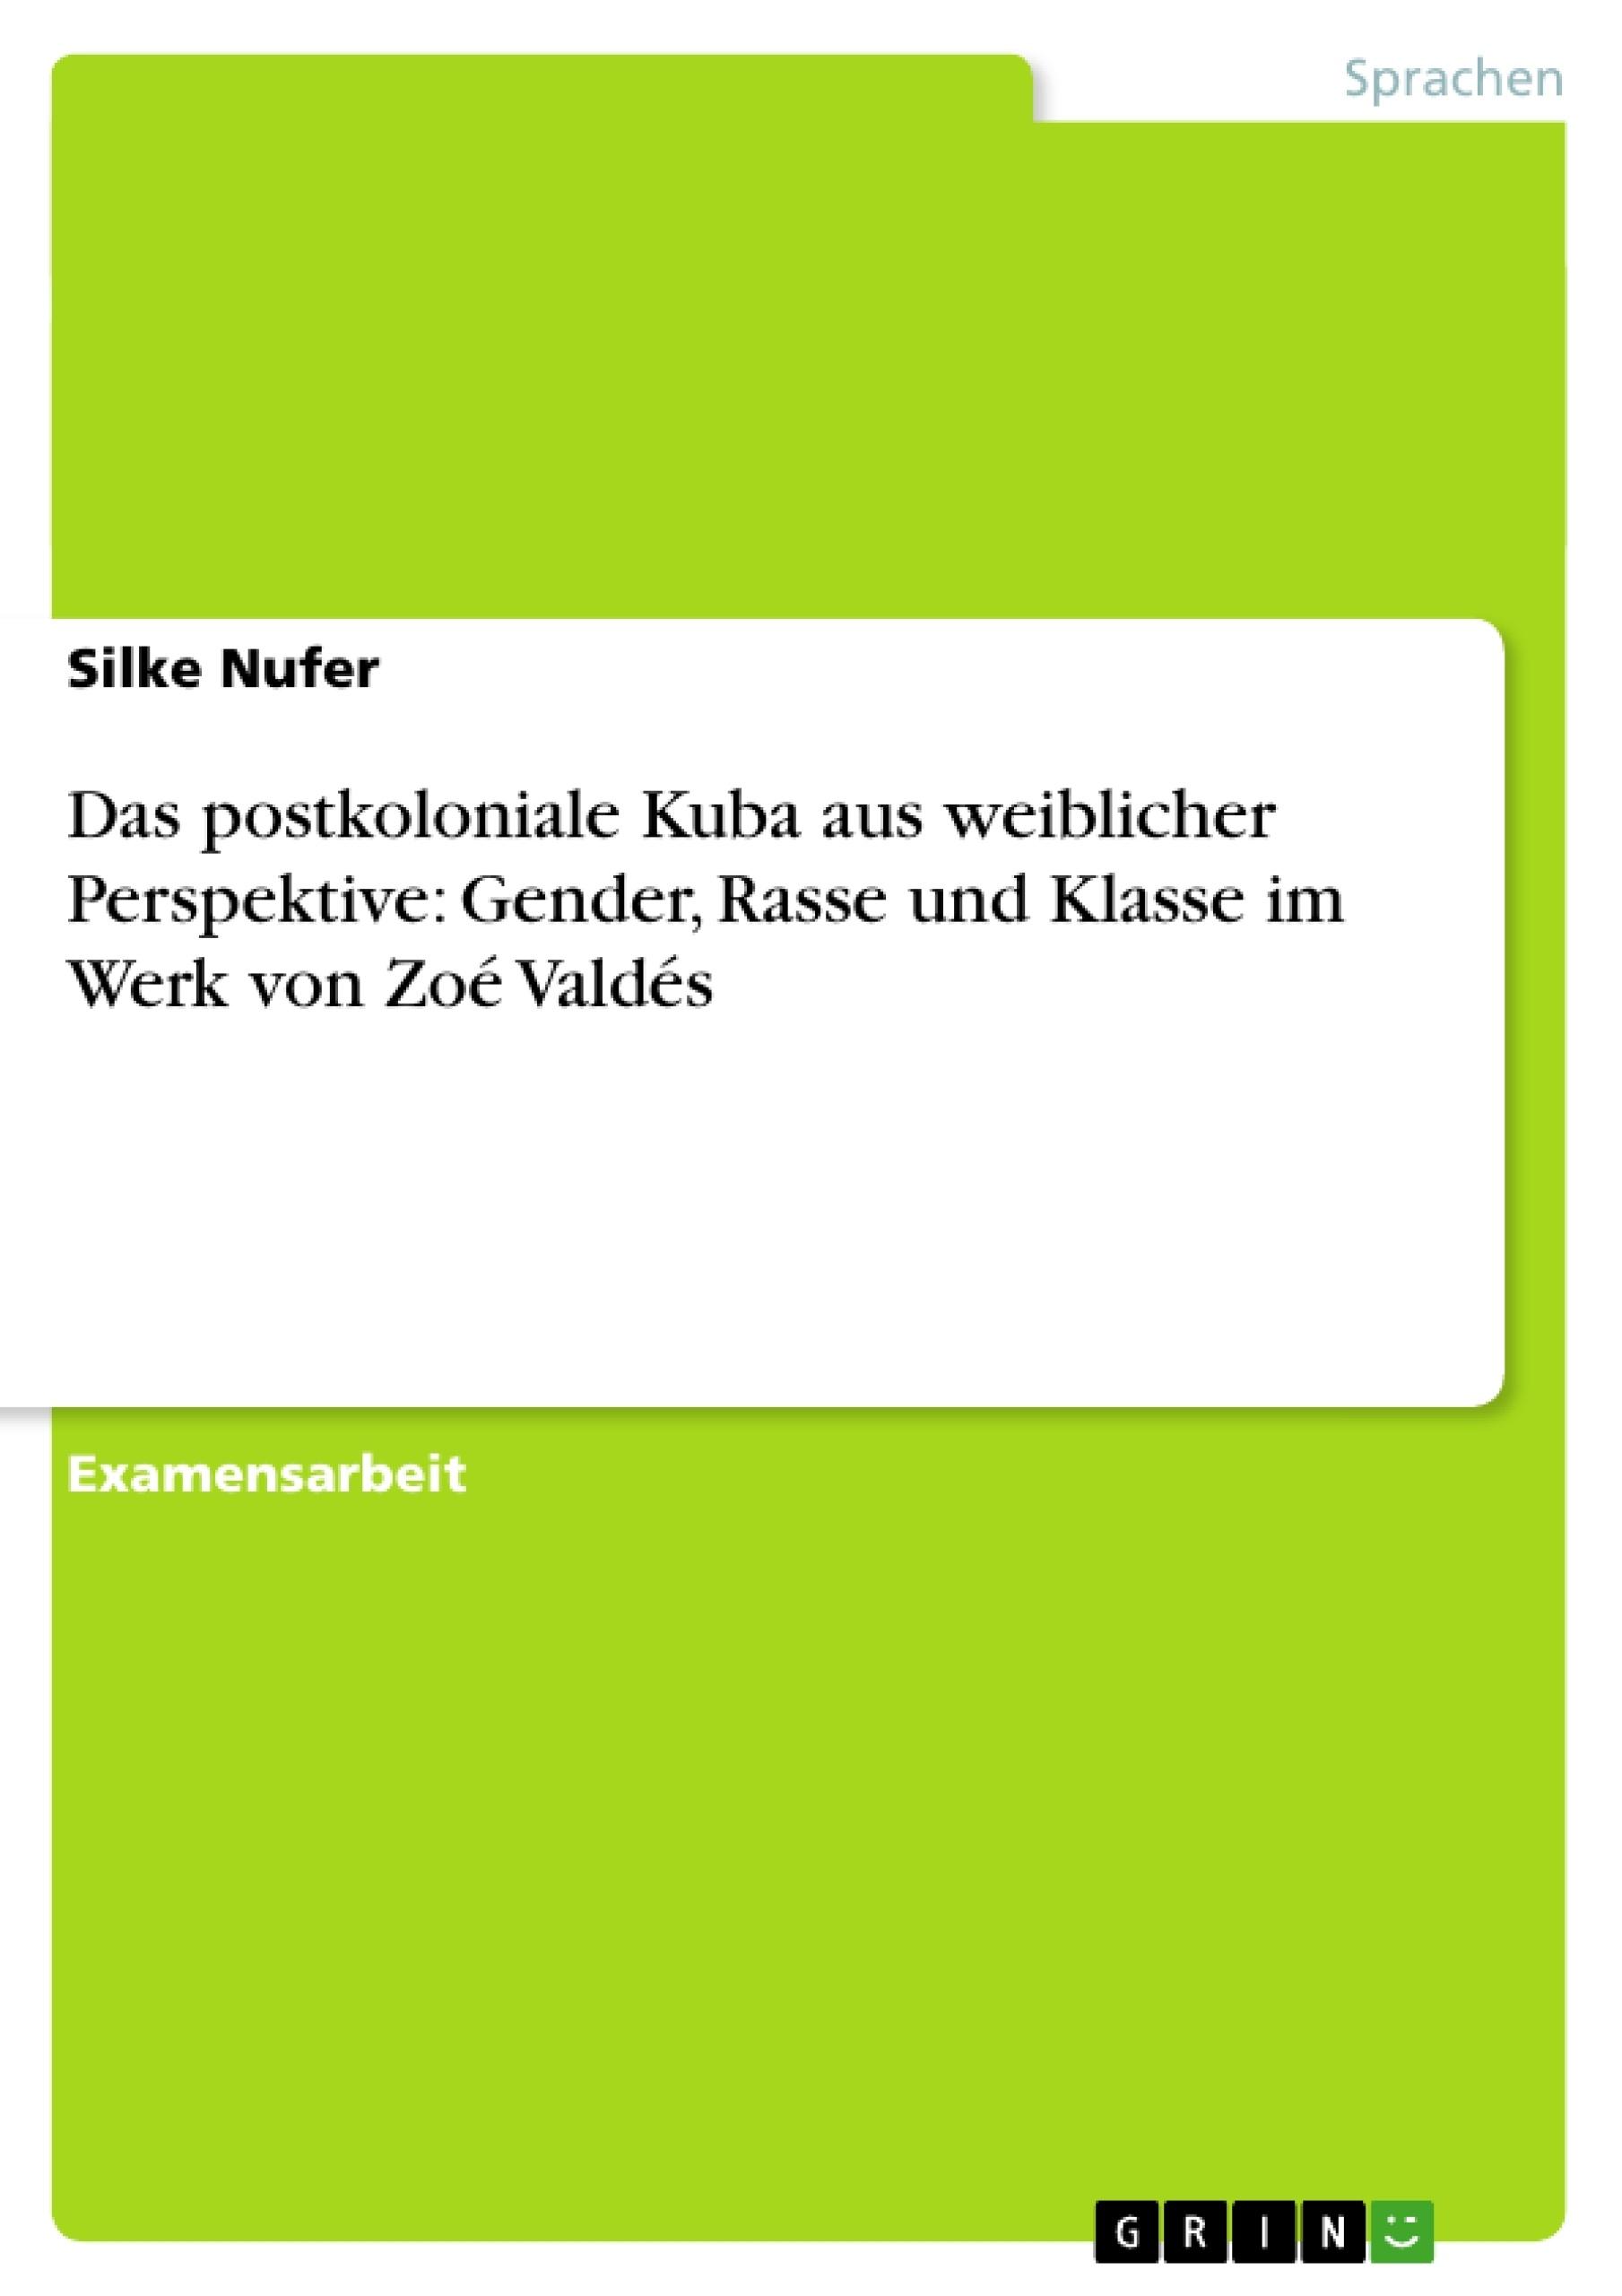 Titel: Das postkoloniale Kuba aus weiblicher Perspektive: Gender, Rasse und Klasse im Werk von Zoé Valdés